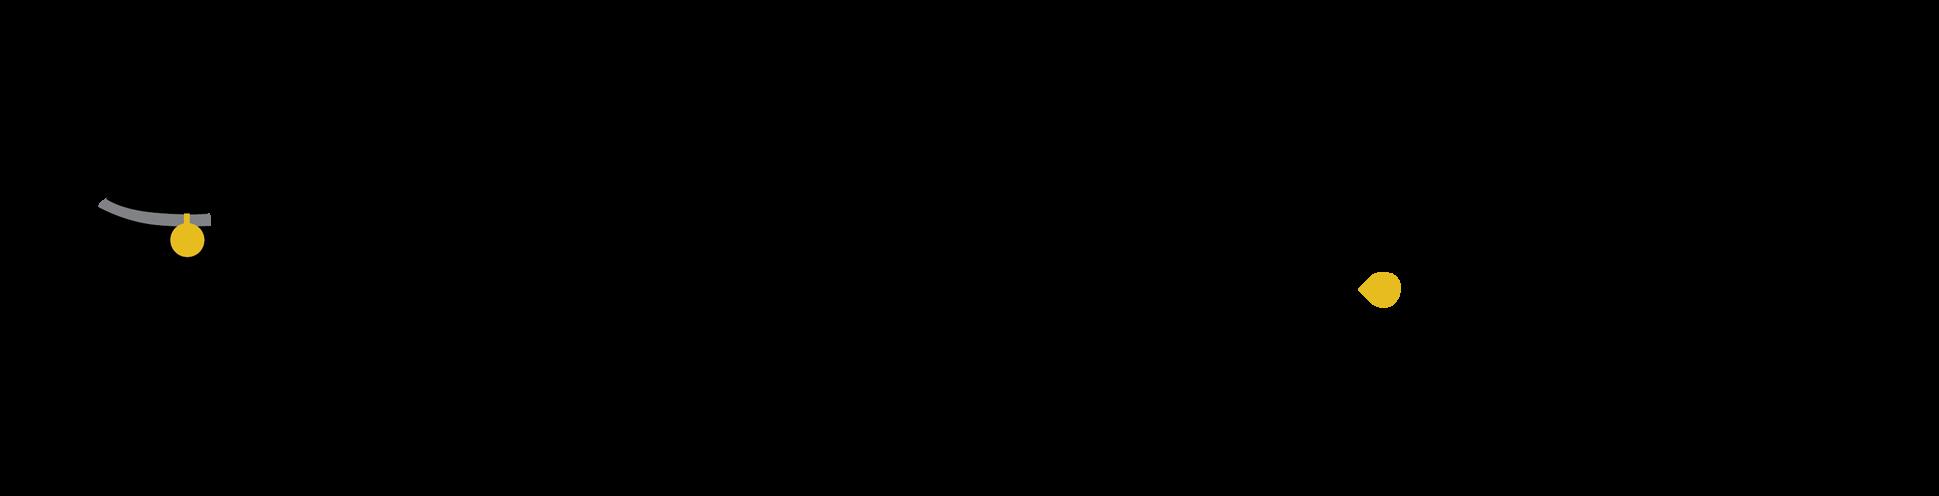 Pawsh-Black-PNG-Horizontal